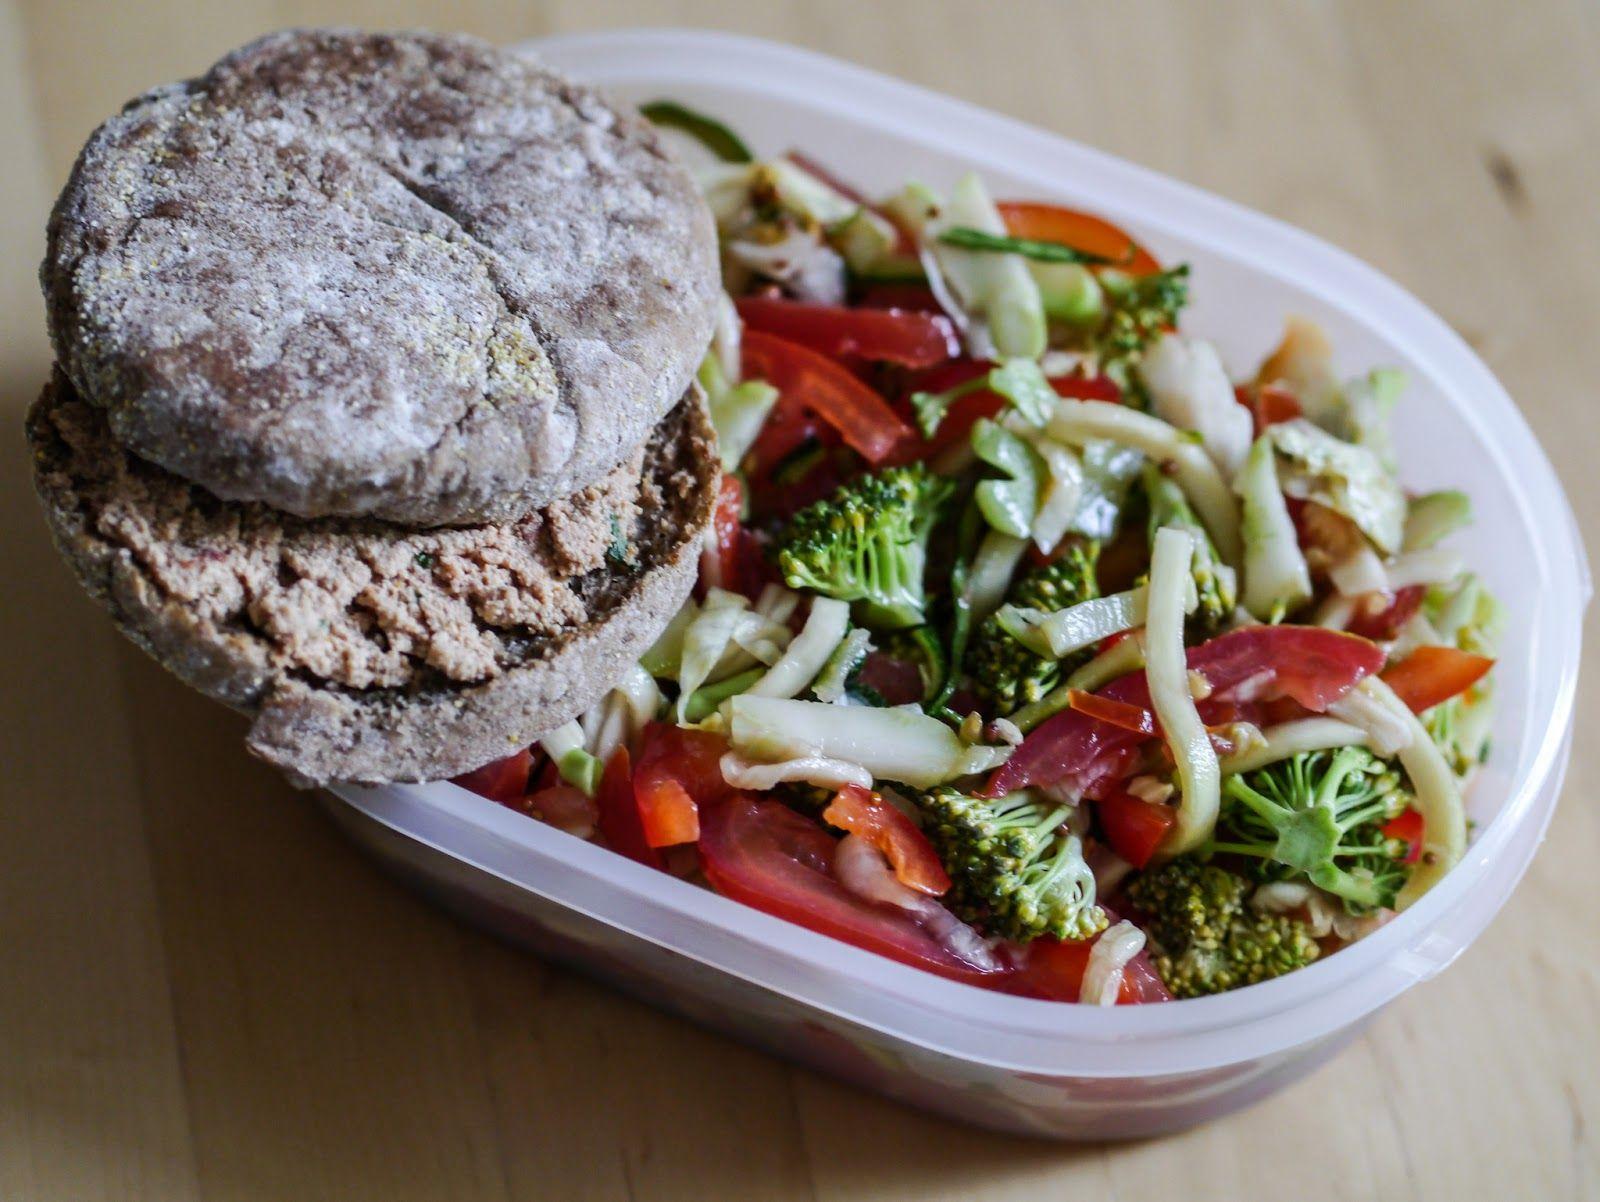 Simones grüner Salat ist definitiv eine außergewöhnliche Abwechslung zu den üblichen Standard-Salatrezepten. Wieso? Das erfahrt ihr auf ihrem Blog, natürlich inklusive Rezept!